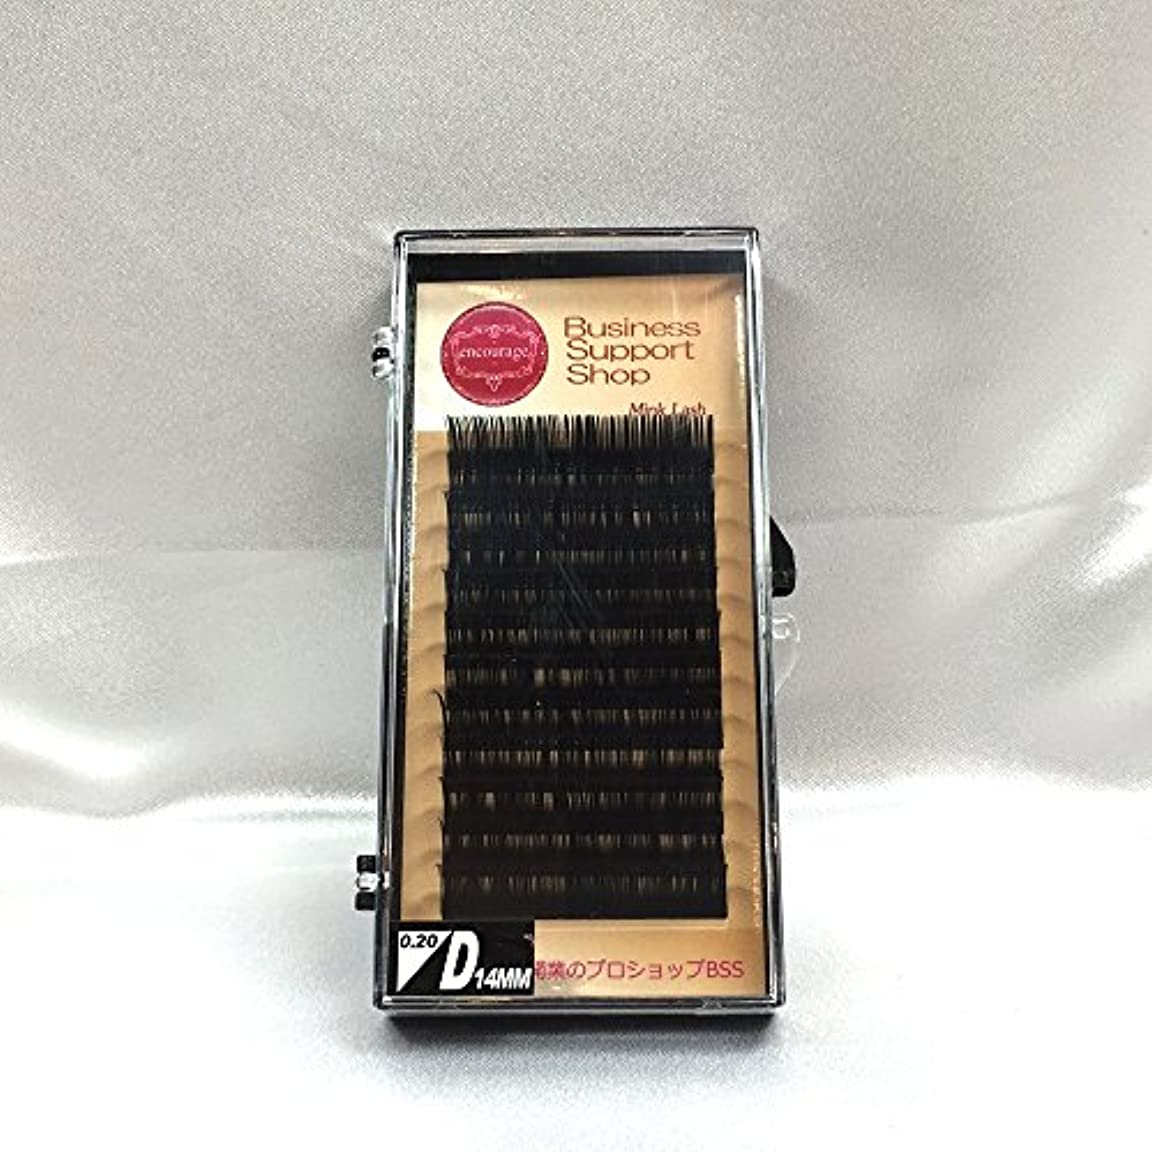 文法ラボ民族主義まつげエクステ Dカール(太さ長さ指定) 高級ミンクまつげ 12列シートタイプ ケース入り (太0.20 長14mm)